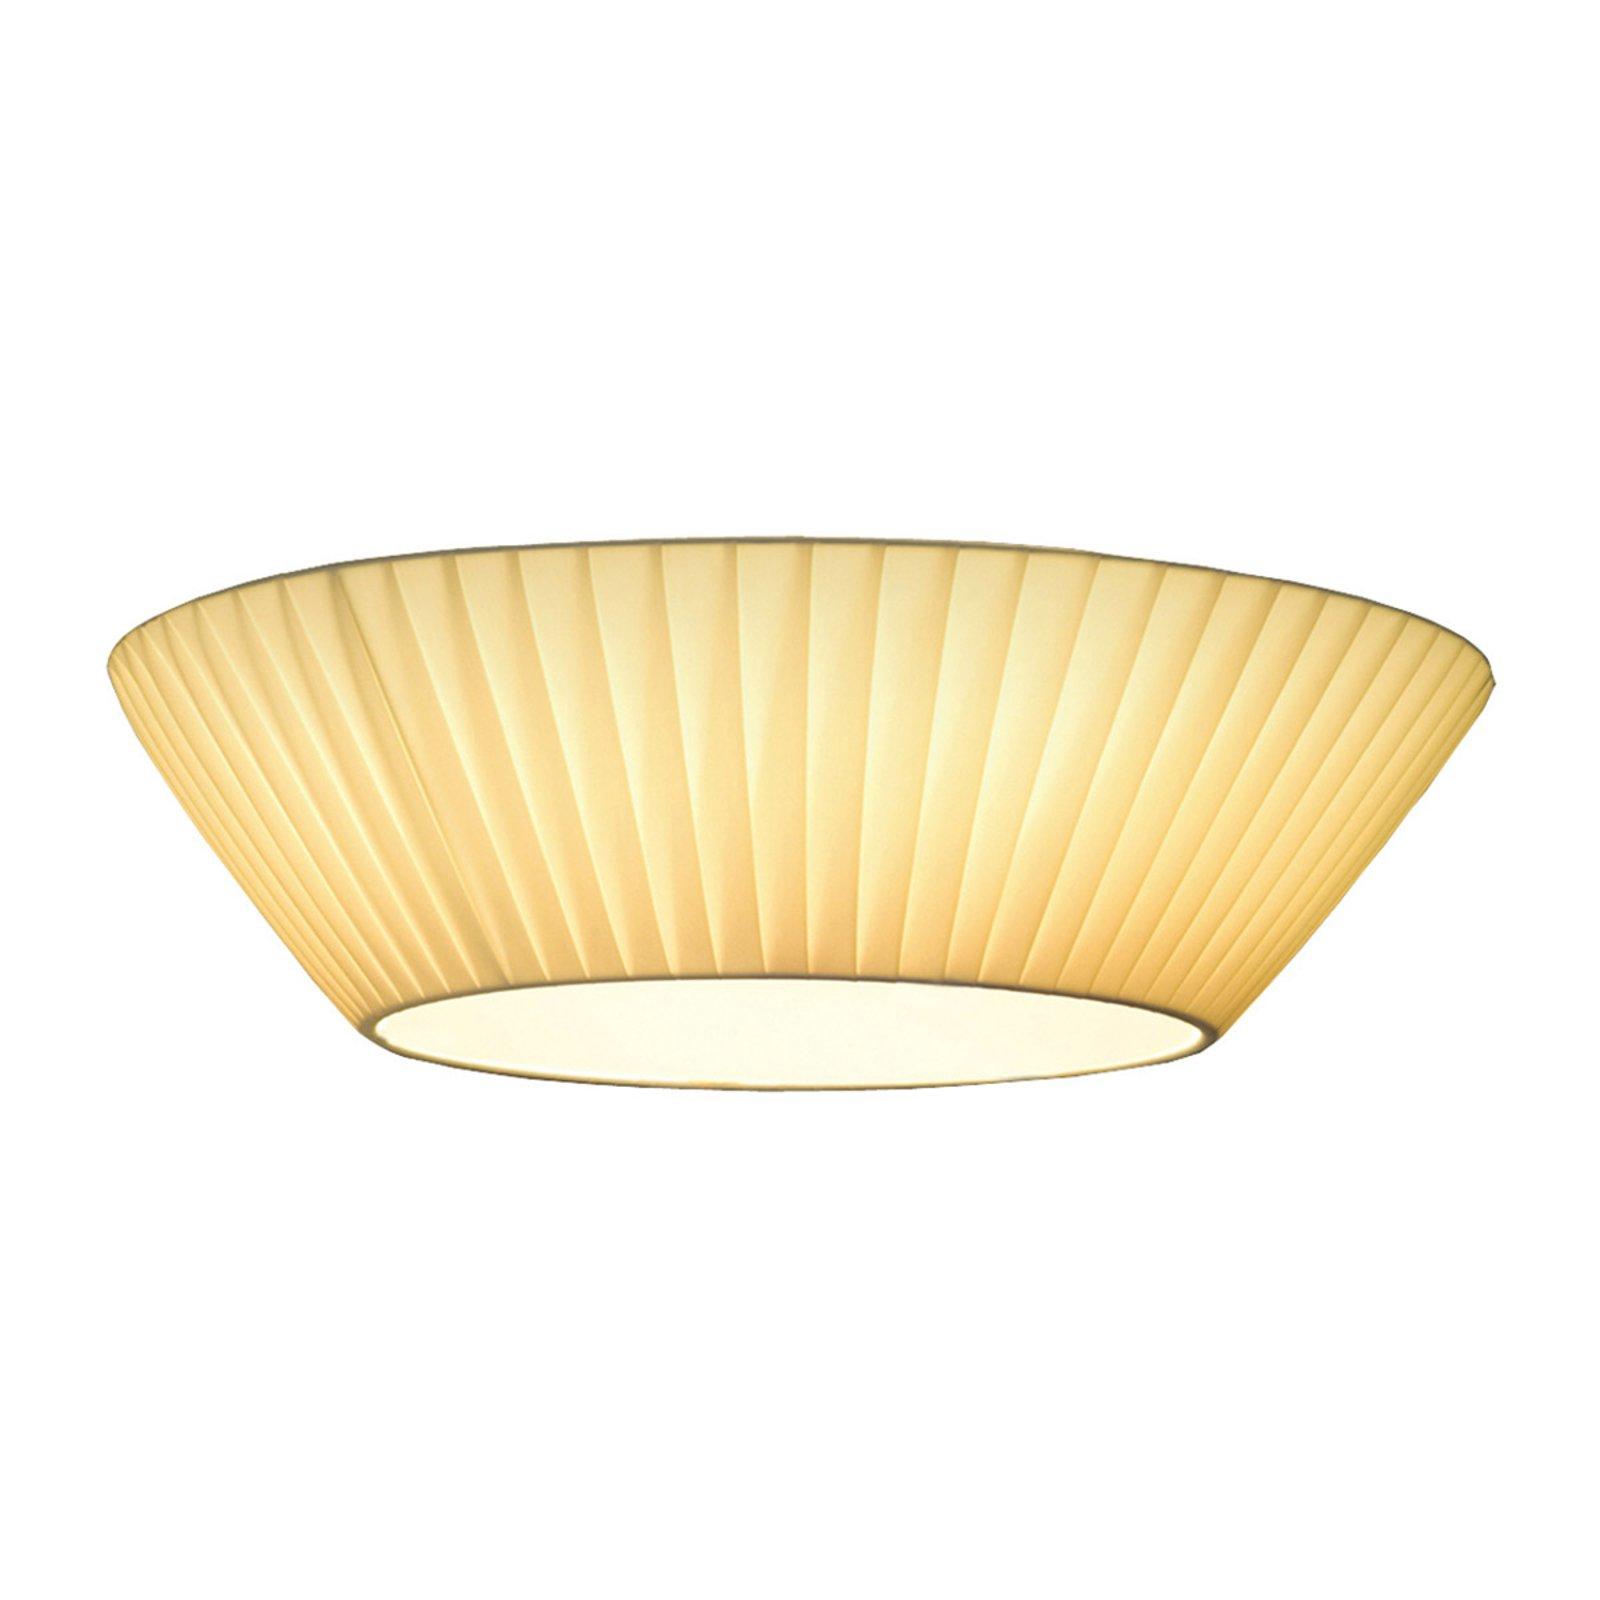 Enkel Emma taklampe i beige Ø 50 cm